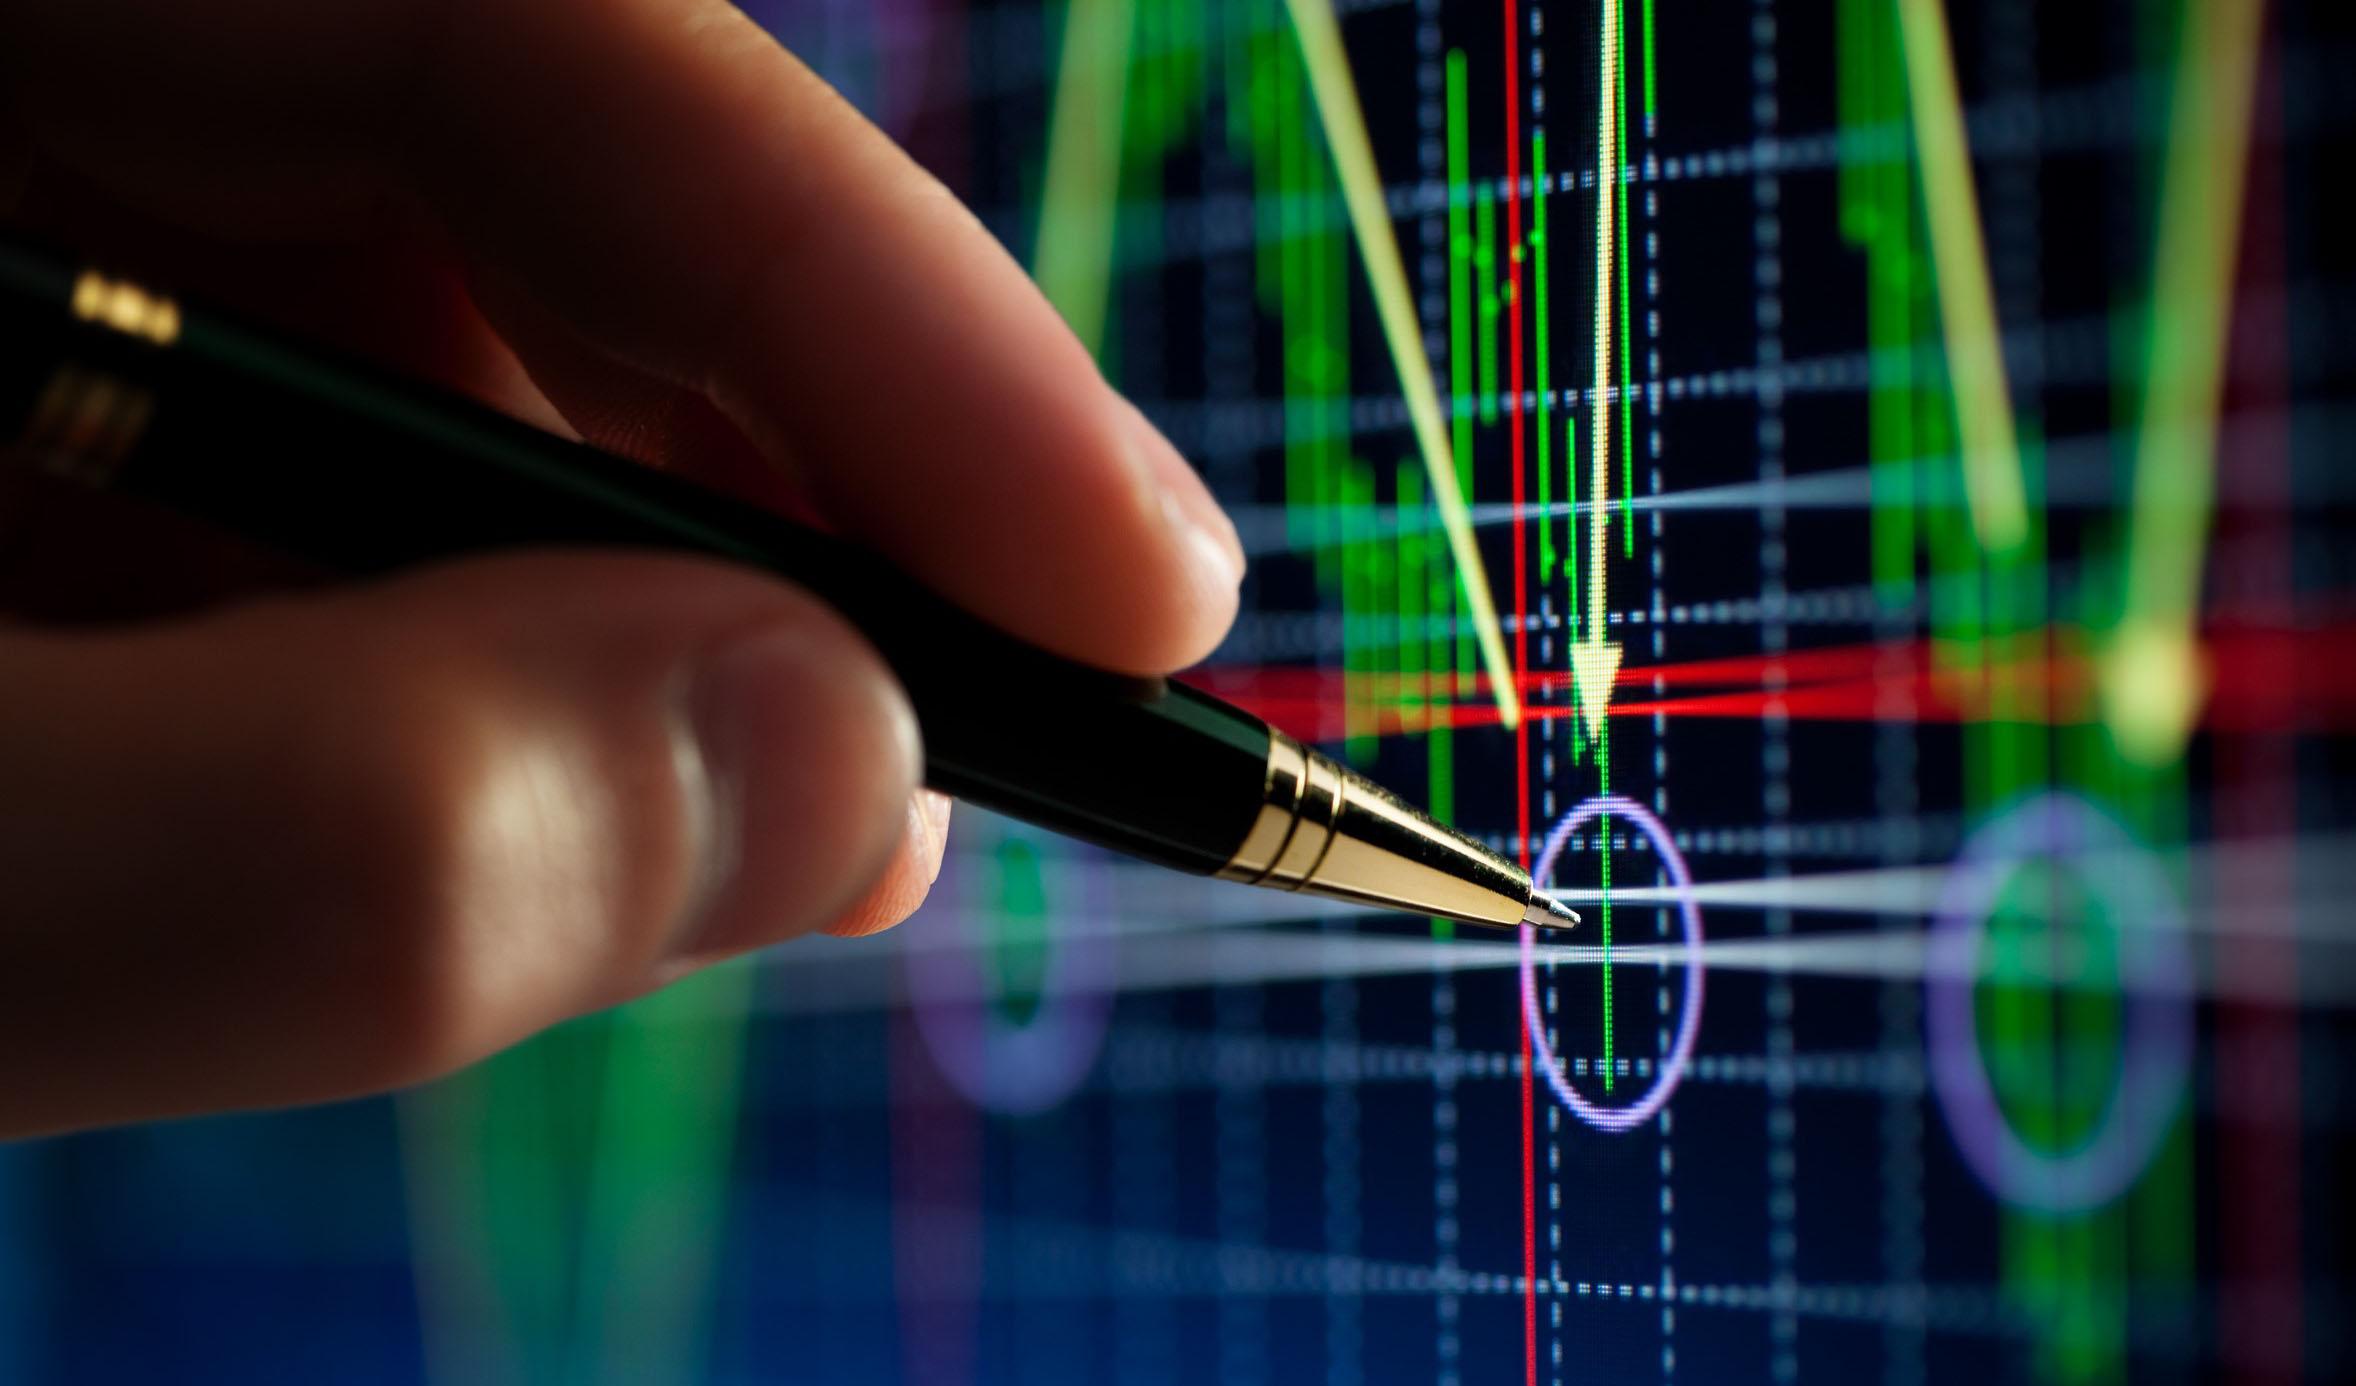 ریسکهای تهدیدکننده معاملات بورس کدامند؟